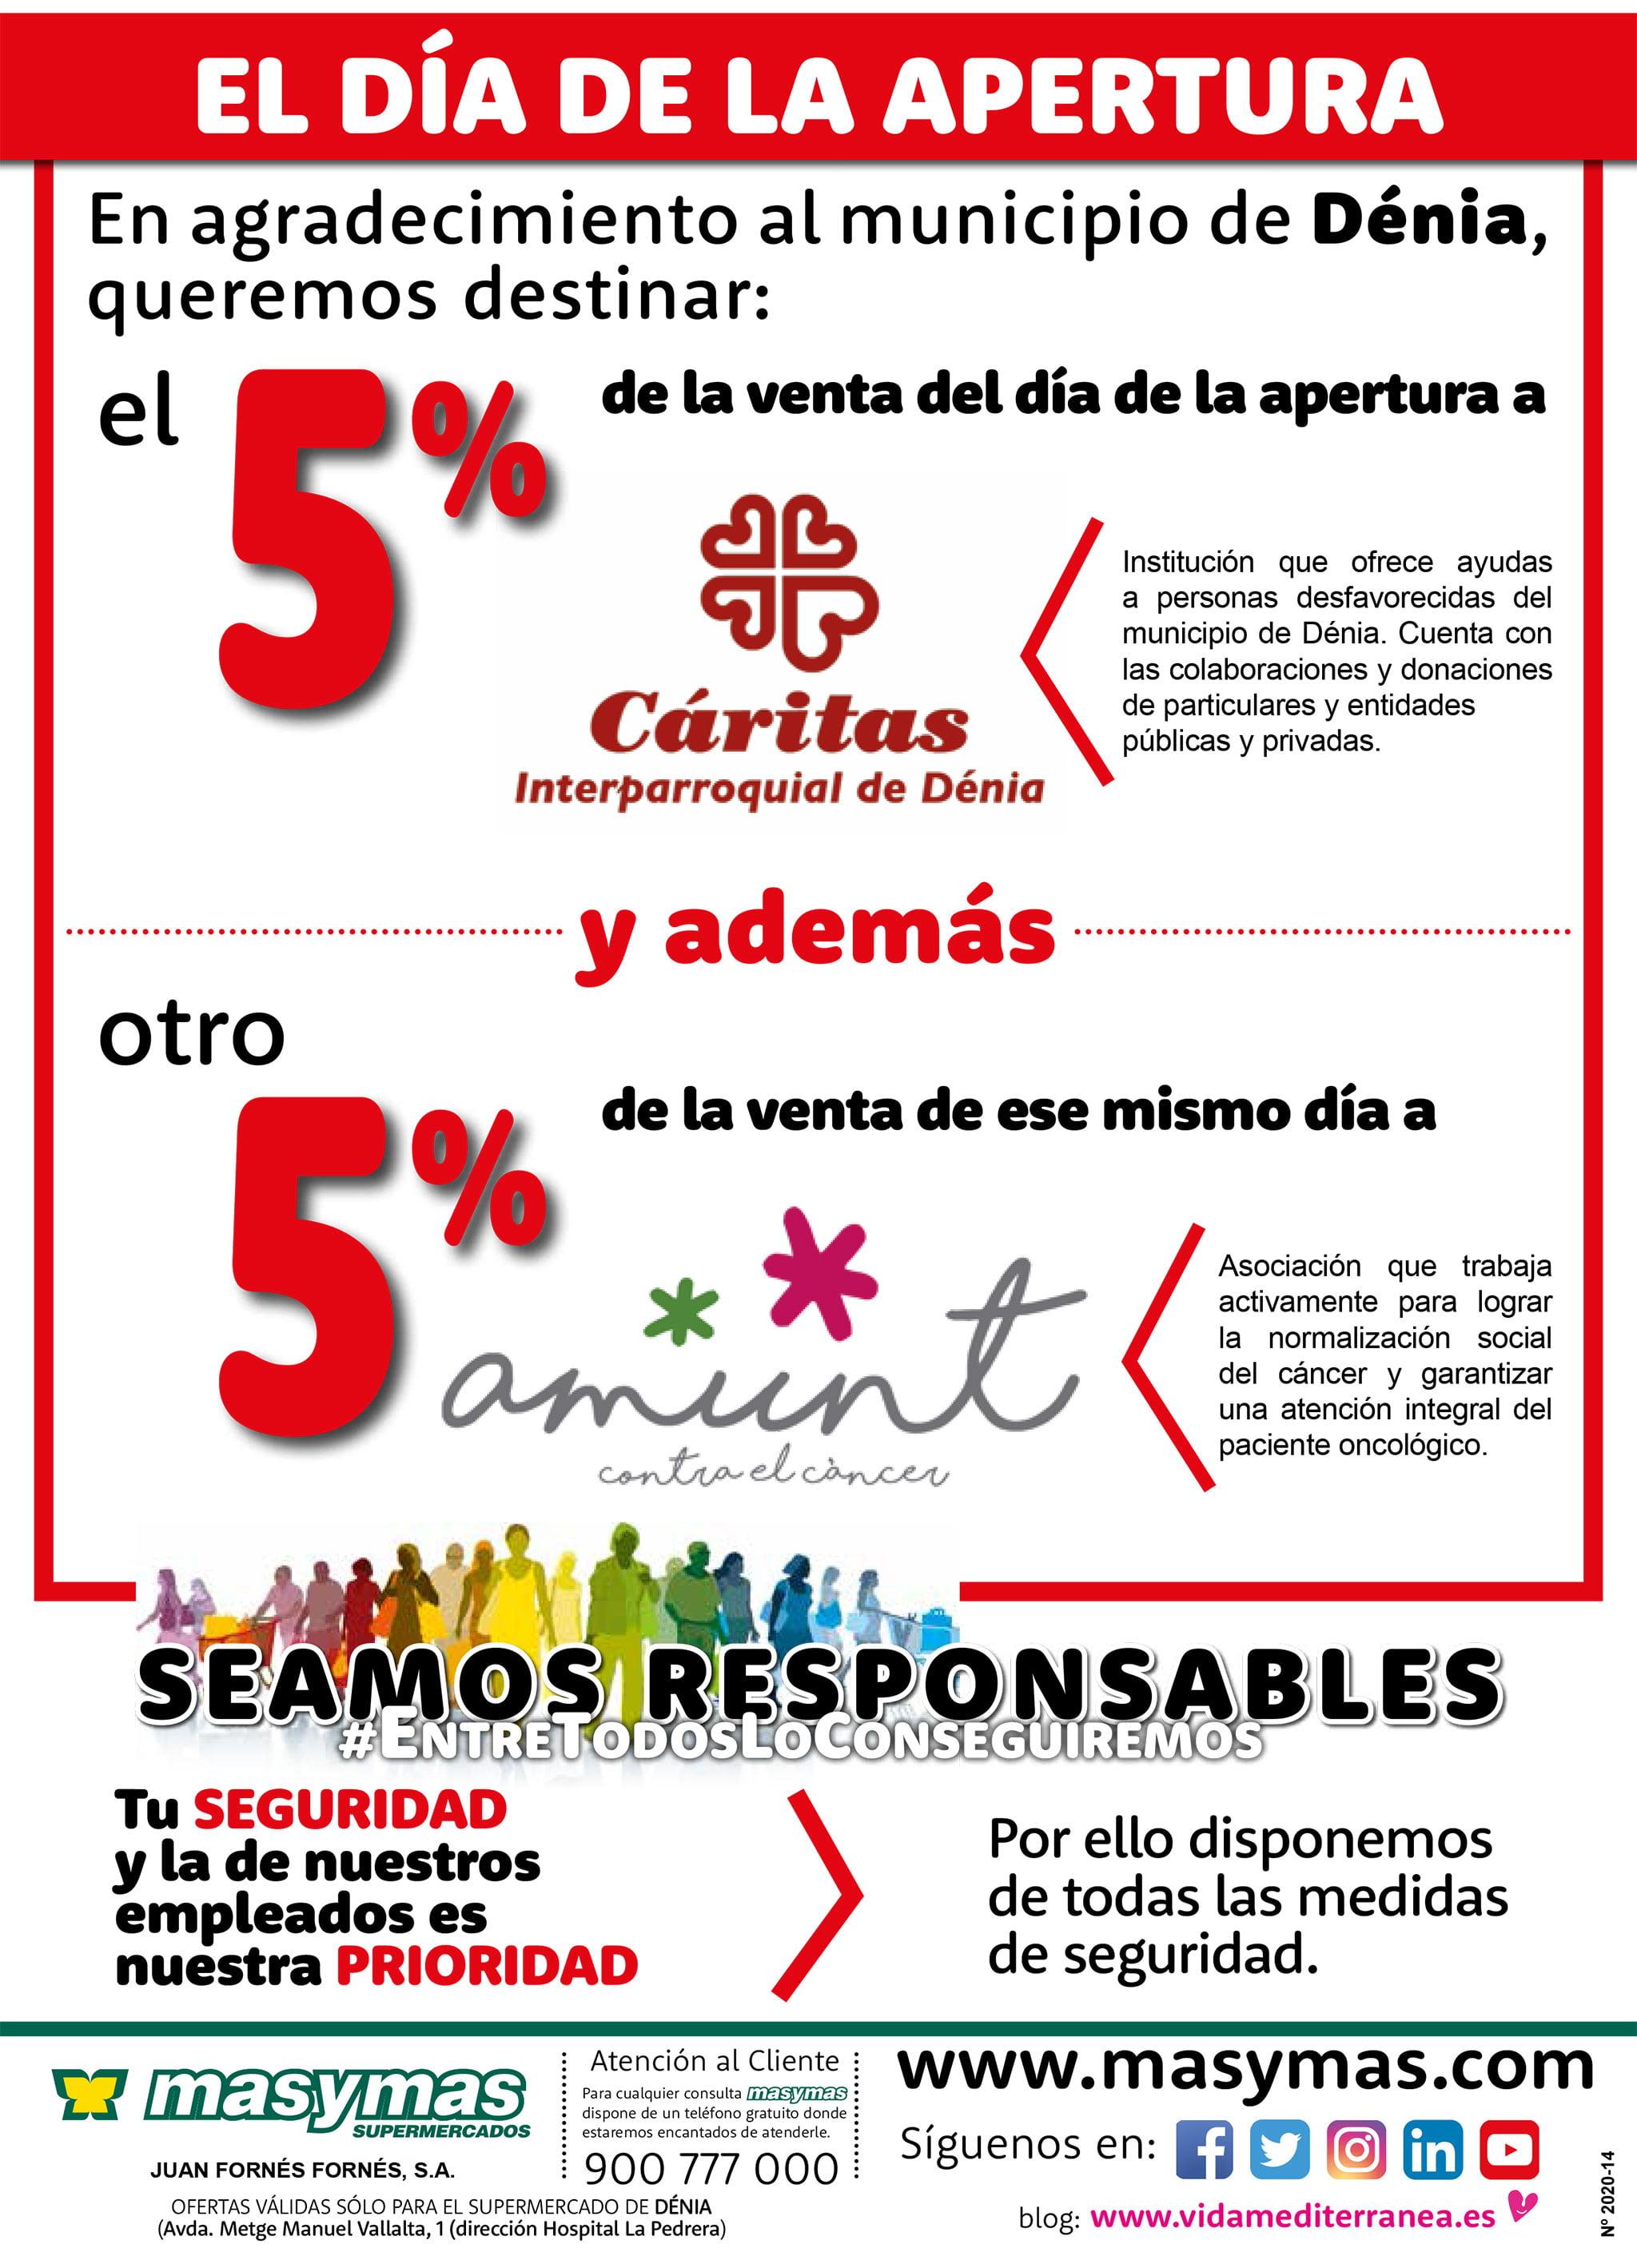 El dia de l'obertura de la nova Mas i Mas, el dijous 14 de maig, part dels seus beneficis es destinaran a causes socials